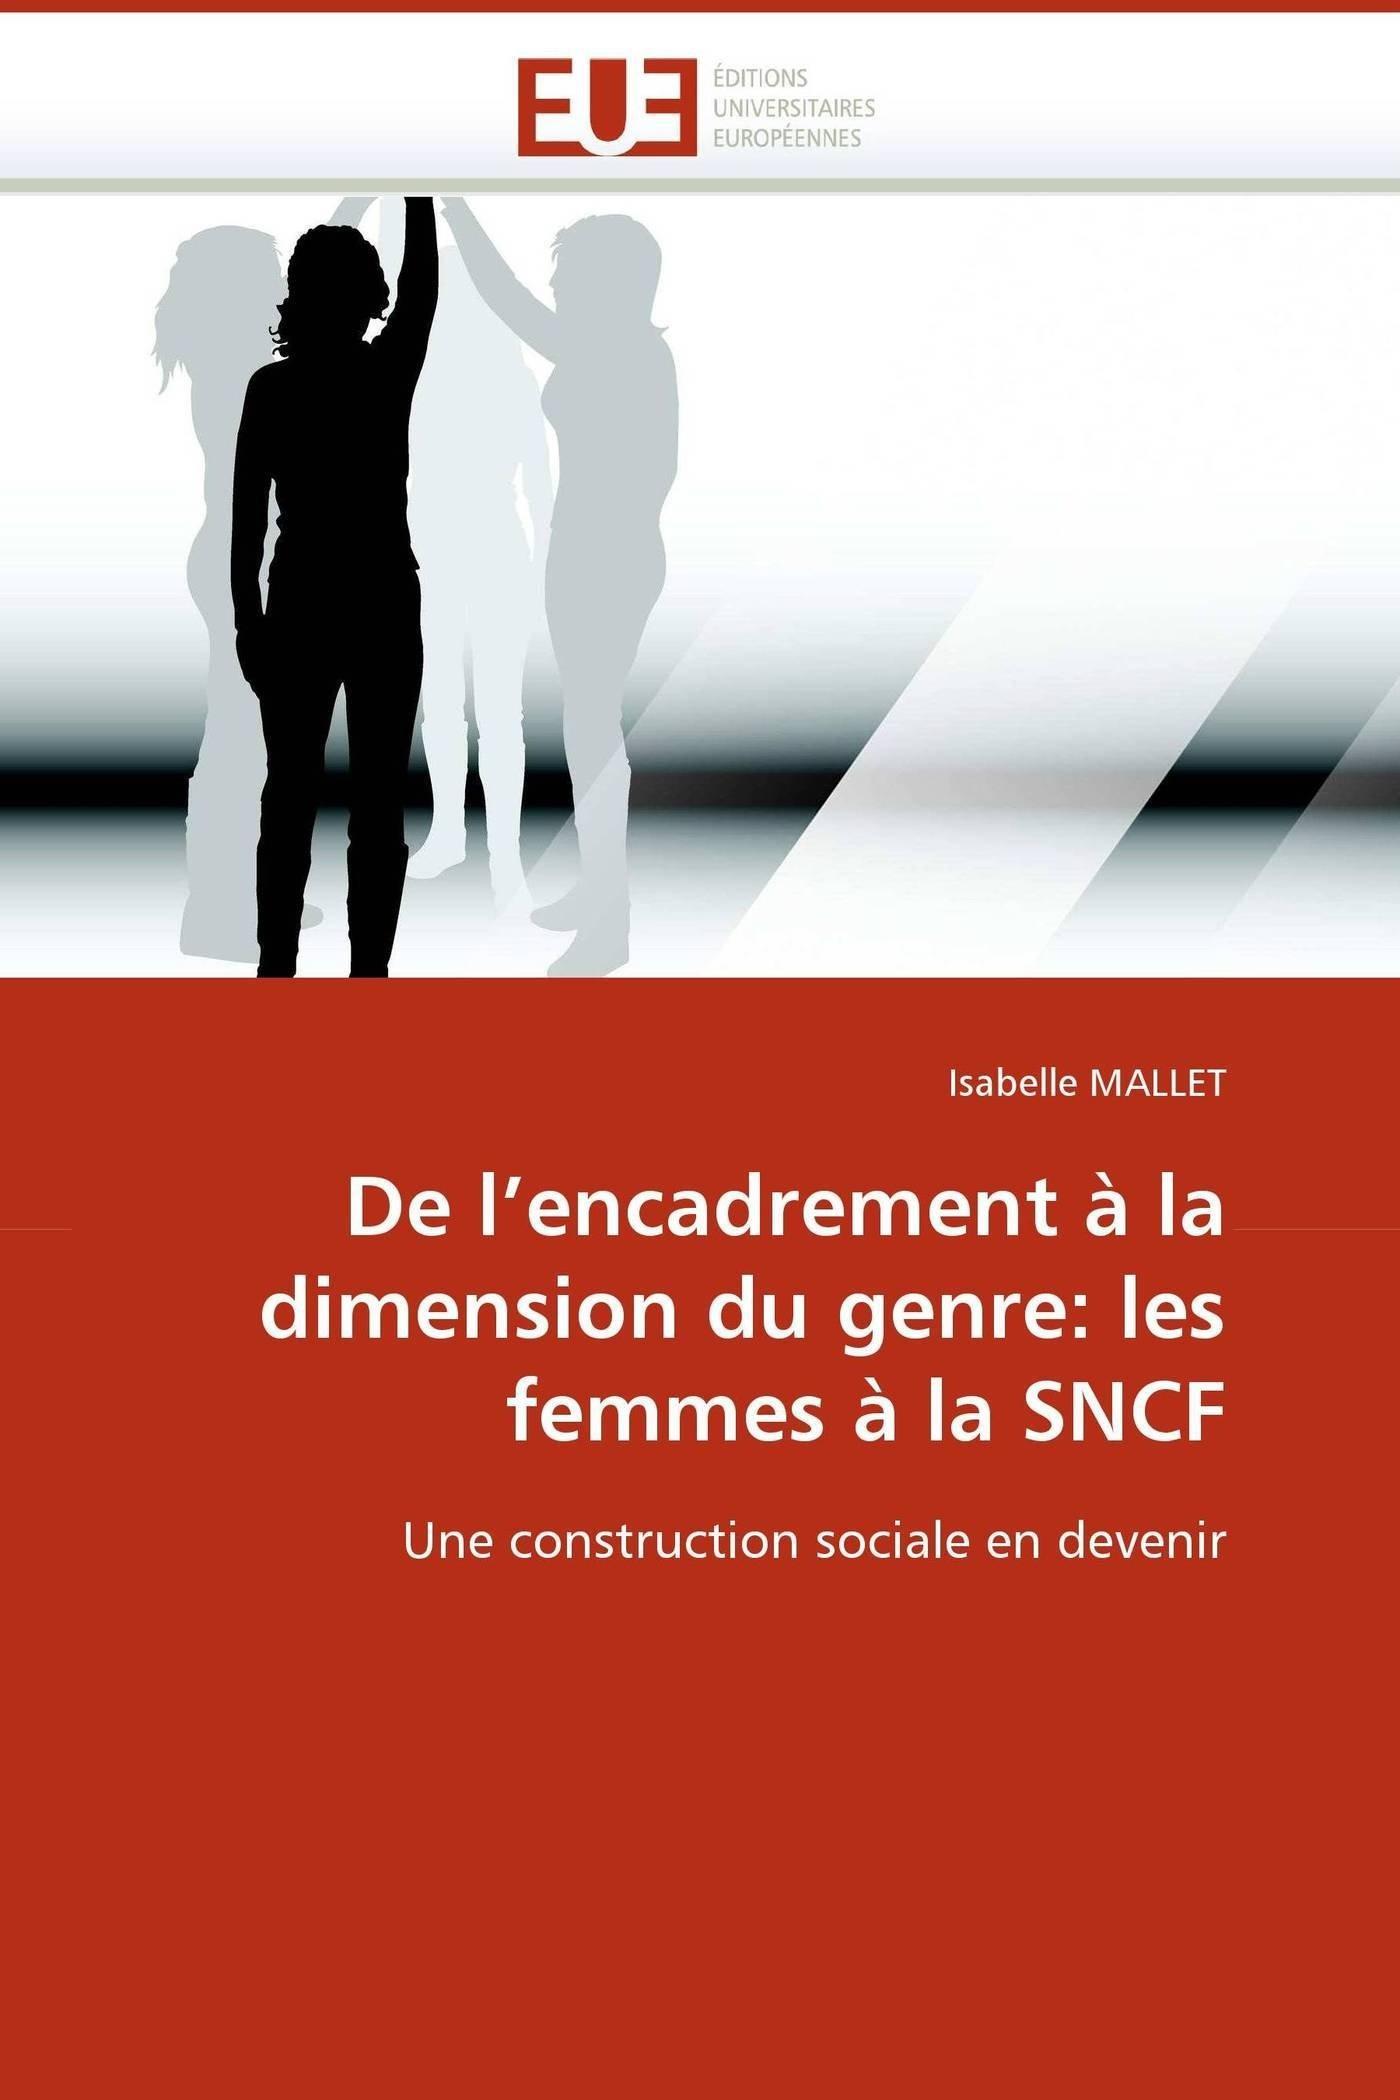 de-l-encadrement--la-dimension-du-genre-les-femmes--la-sncf-une-construction-sociale-en-devenir-omn-univ-europ